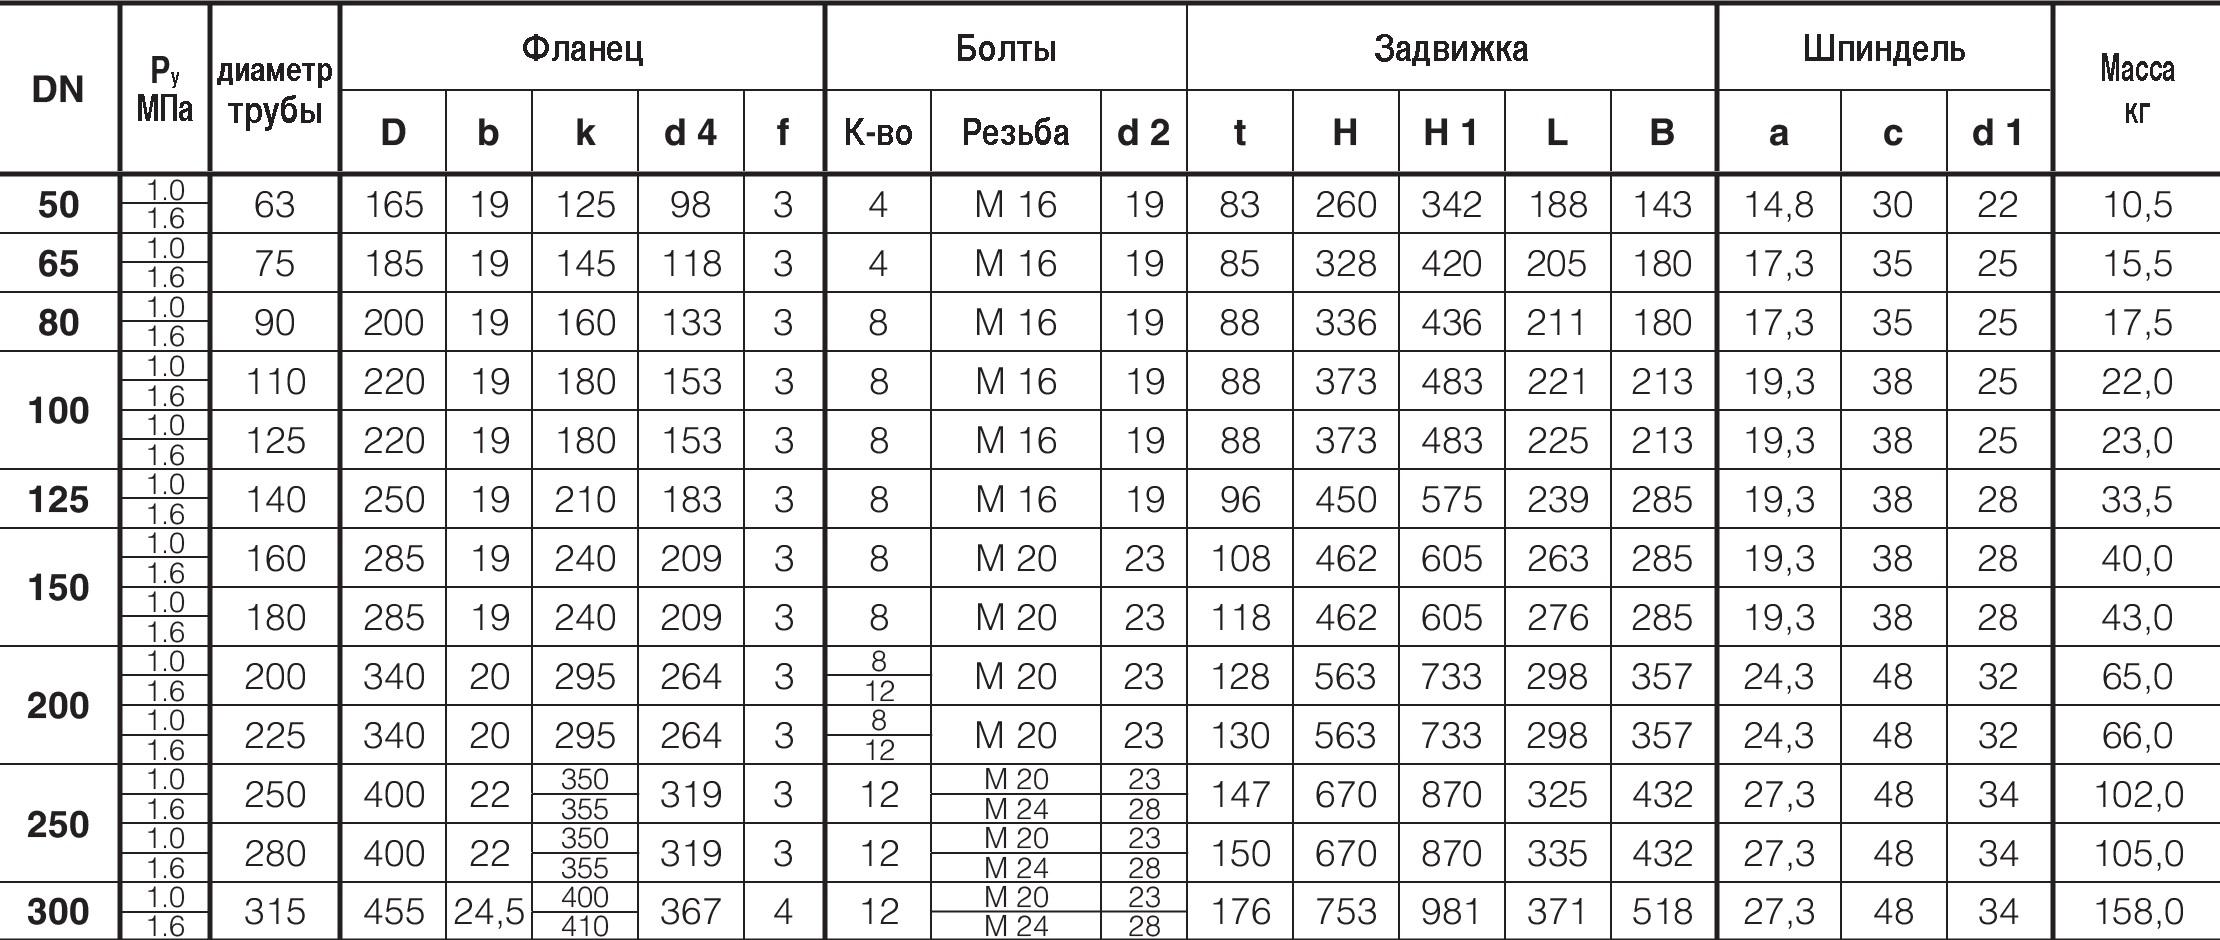 Таблица характеристик для Задвижка клиновая чугунная фланцевая Hawle 4041E2 раструб SYSTEM 2000